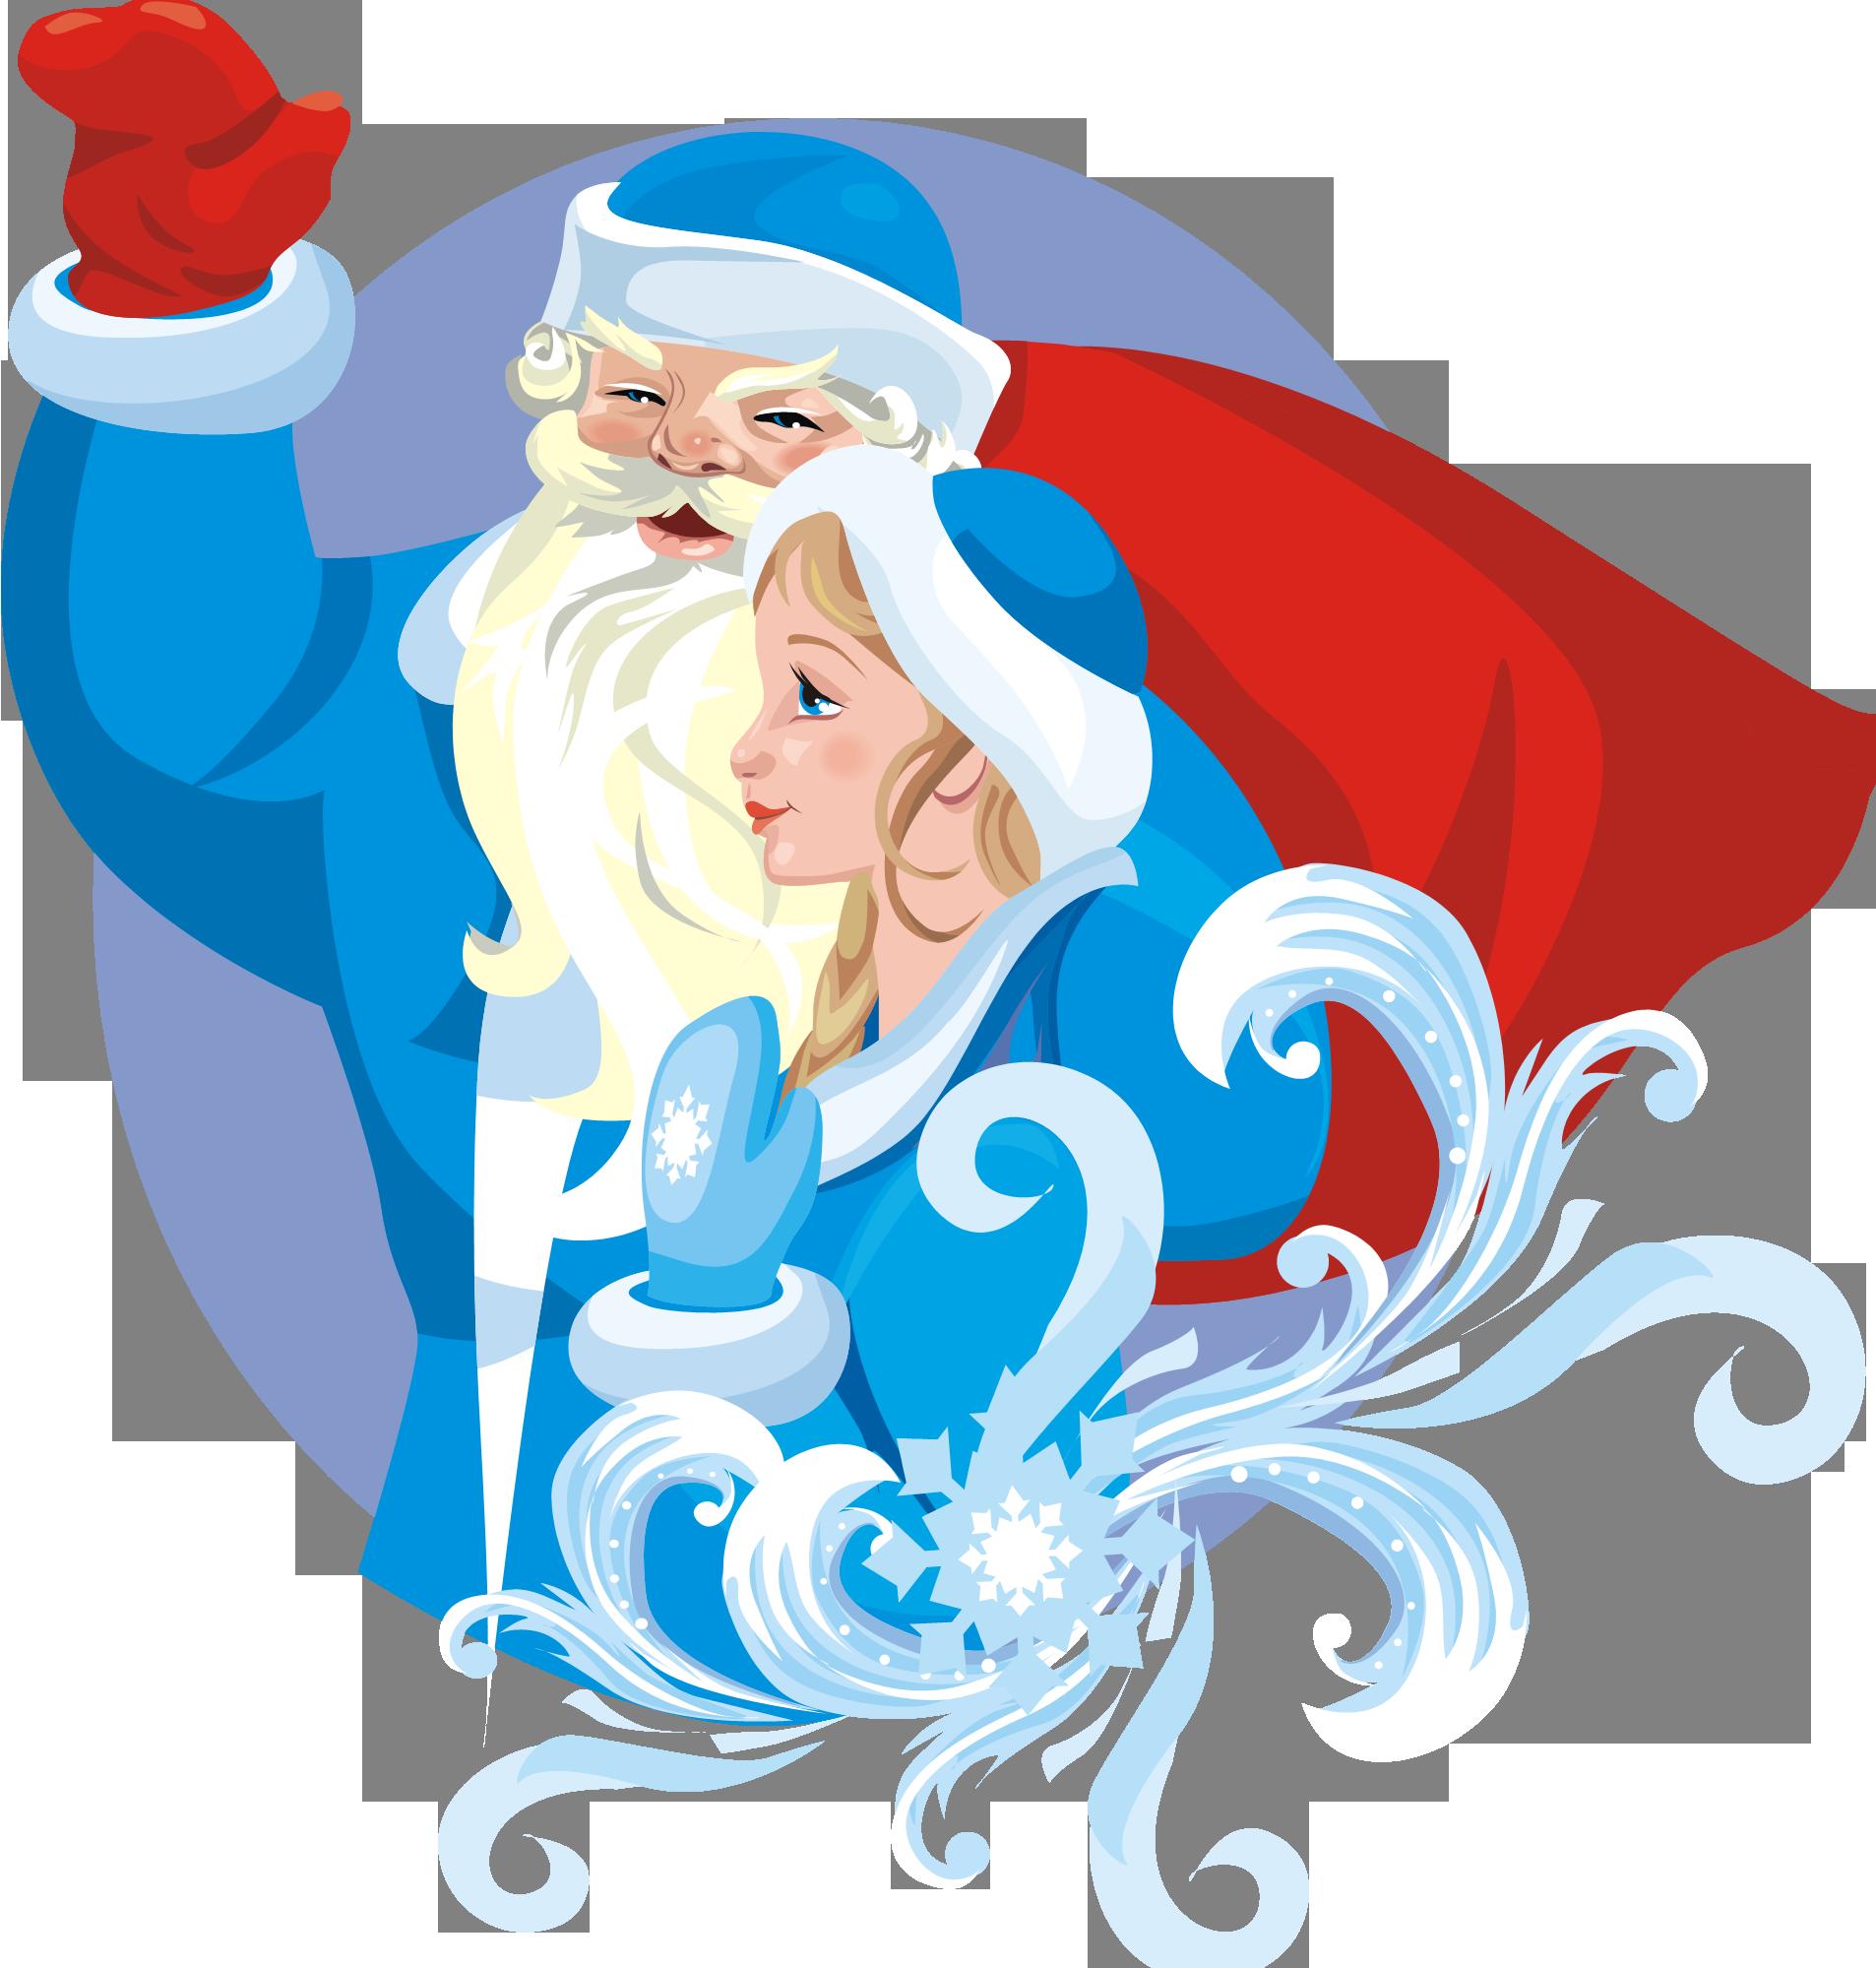 Новогодние поздравления от Деда Мороза и Снегурки